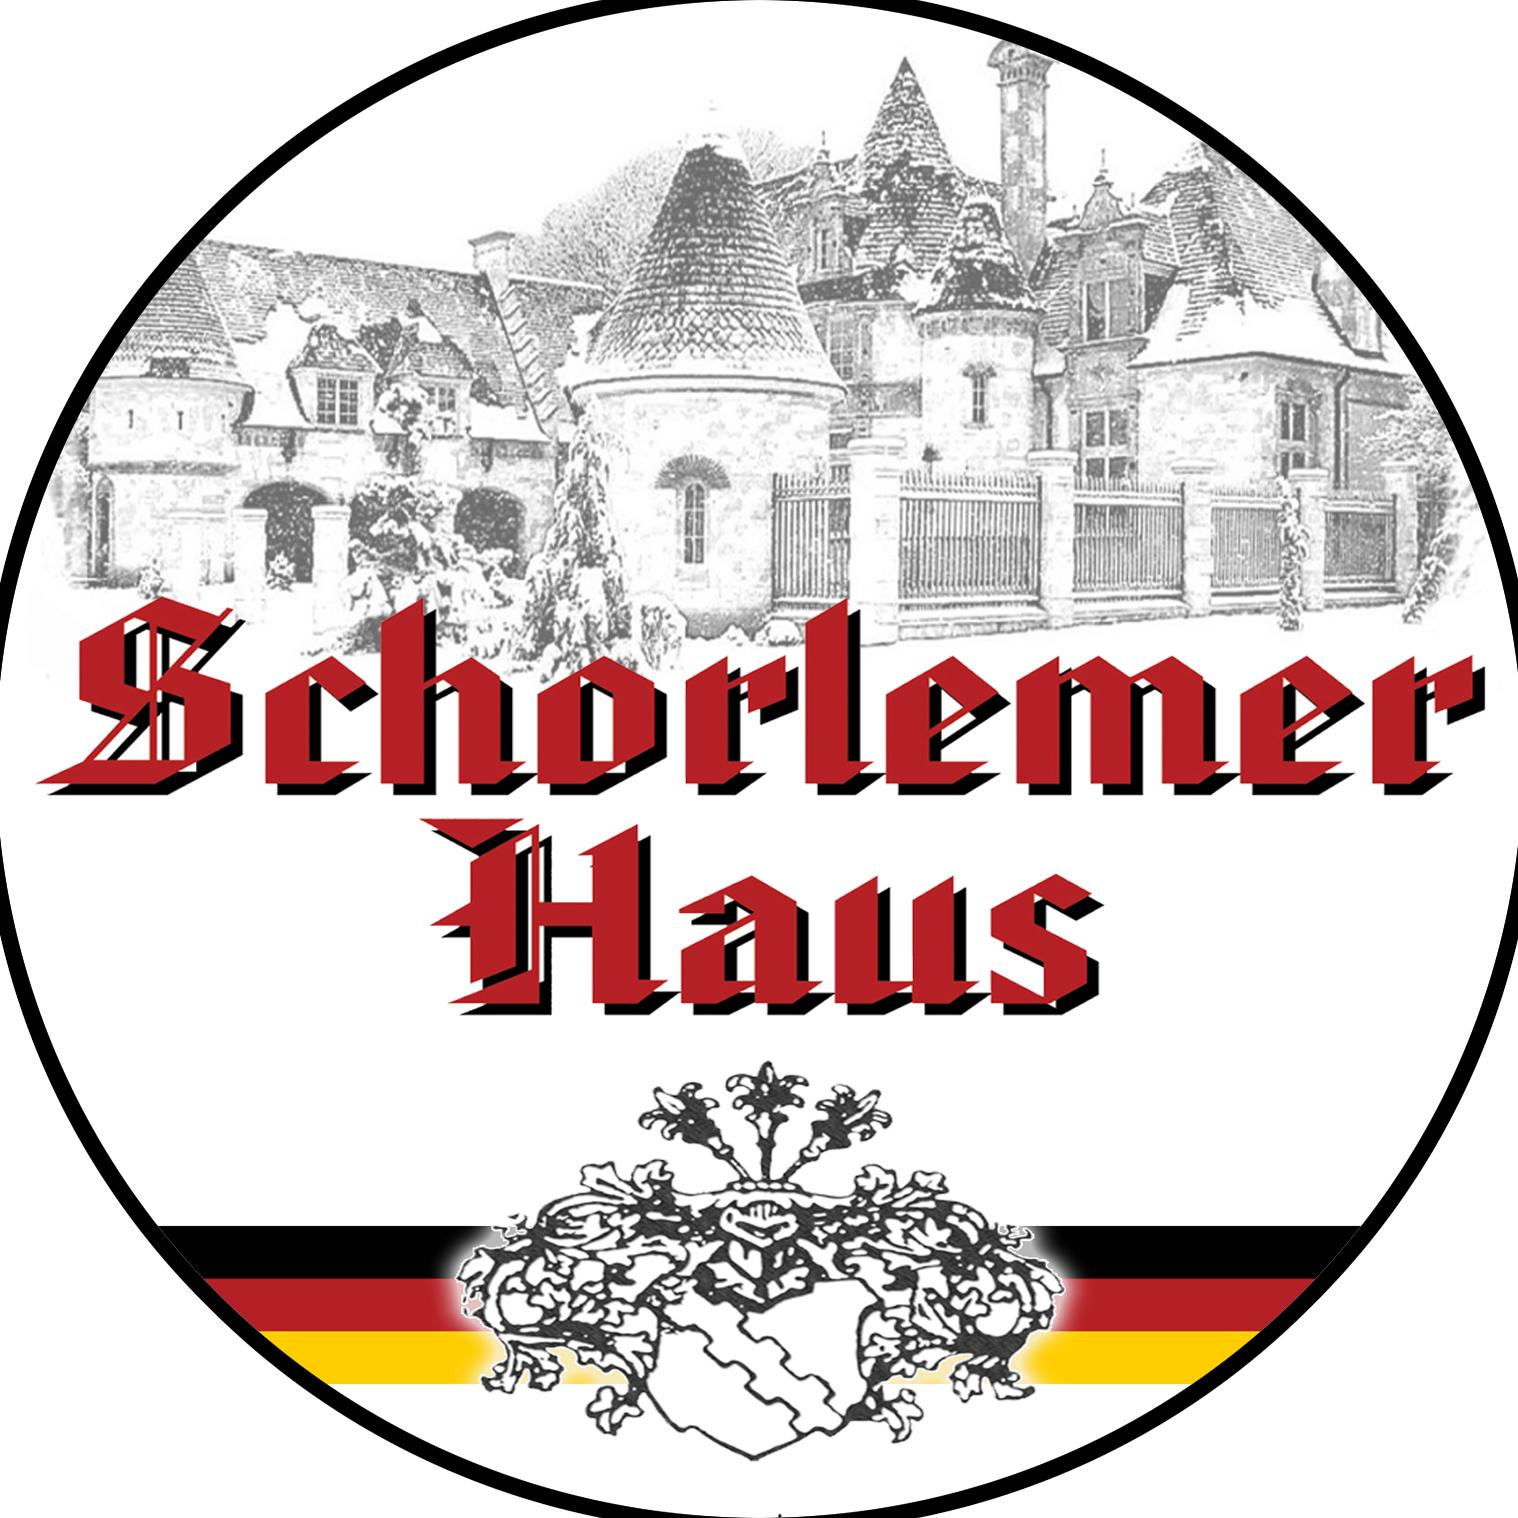 Schorlemer Haus